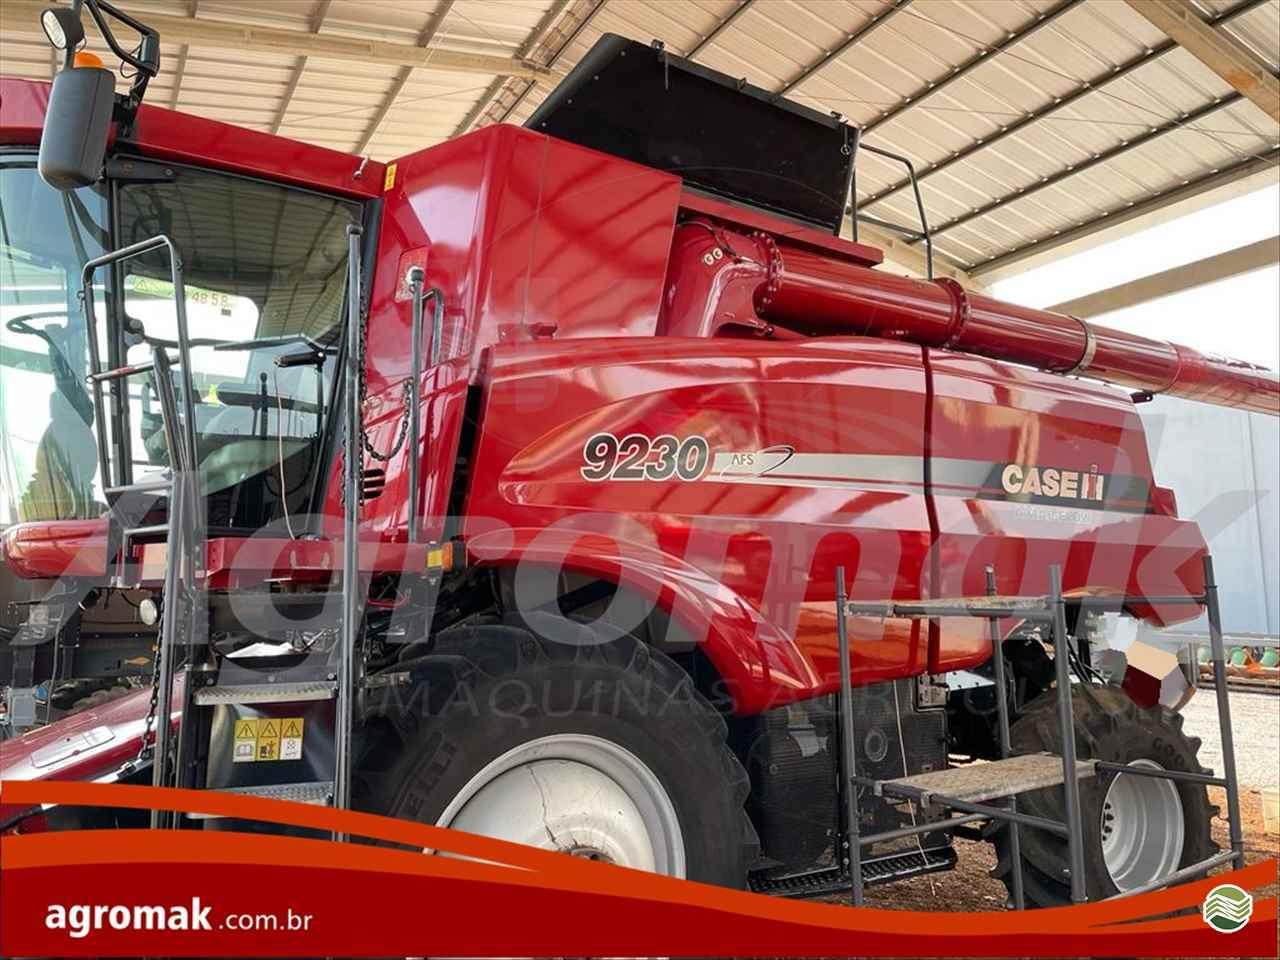 COLHEITADEIRA CASE CASE 9230 Agromak Máquinas Agrícolas CAMPO VERDE MATO GROSSO MT